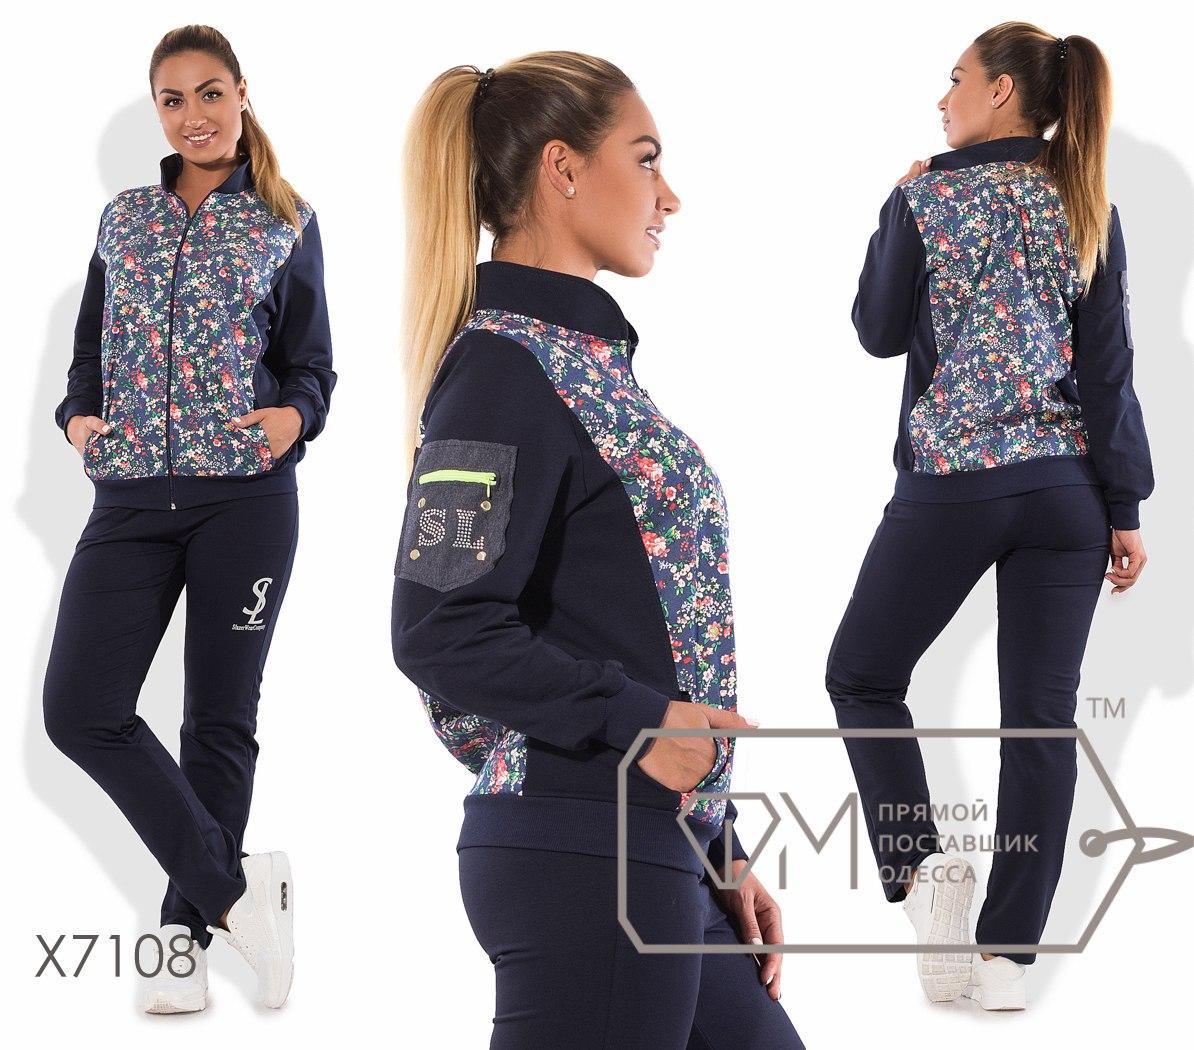 Спорткостюм из двунитки - бомбер с косыми карманами и вставкой цветного джинса плюс прямые штаны с логотипом X7108